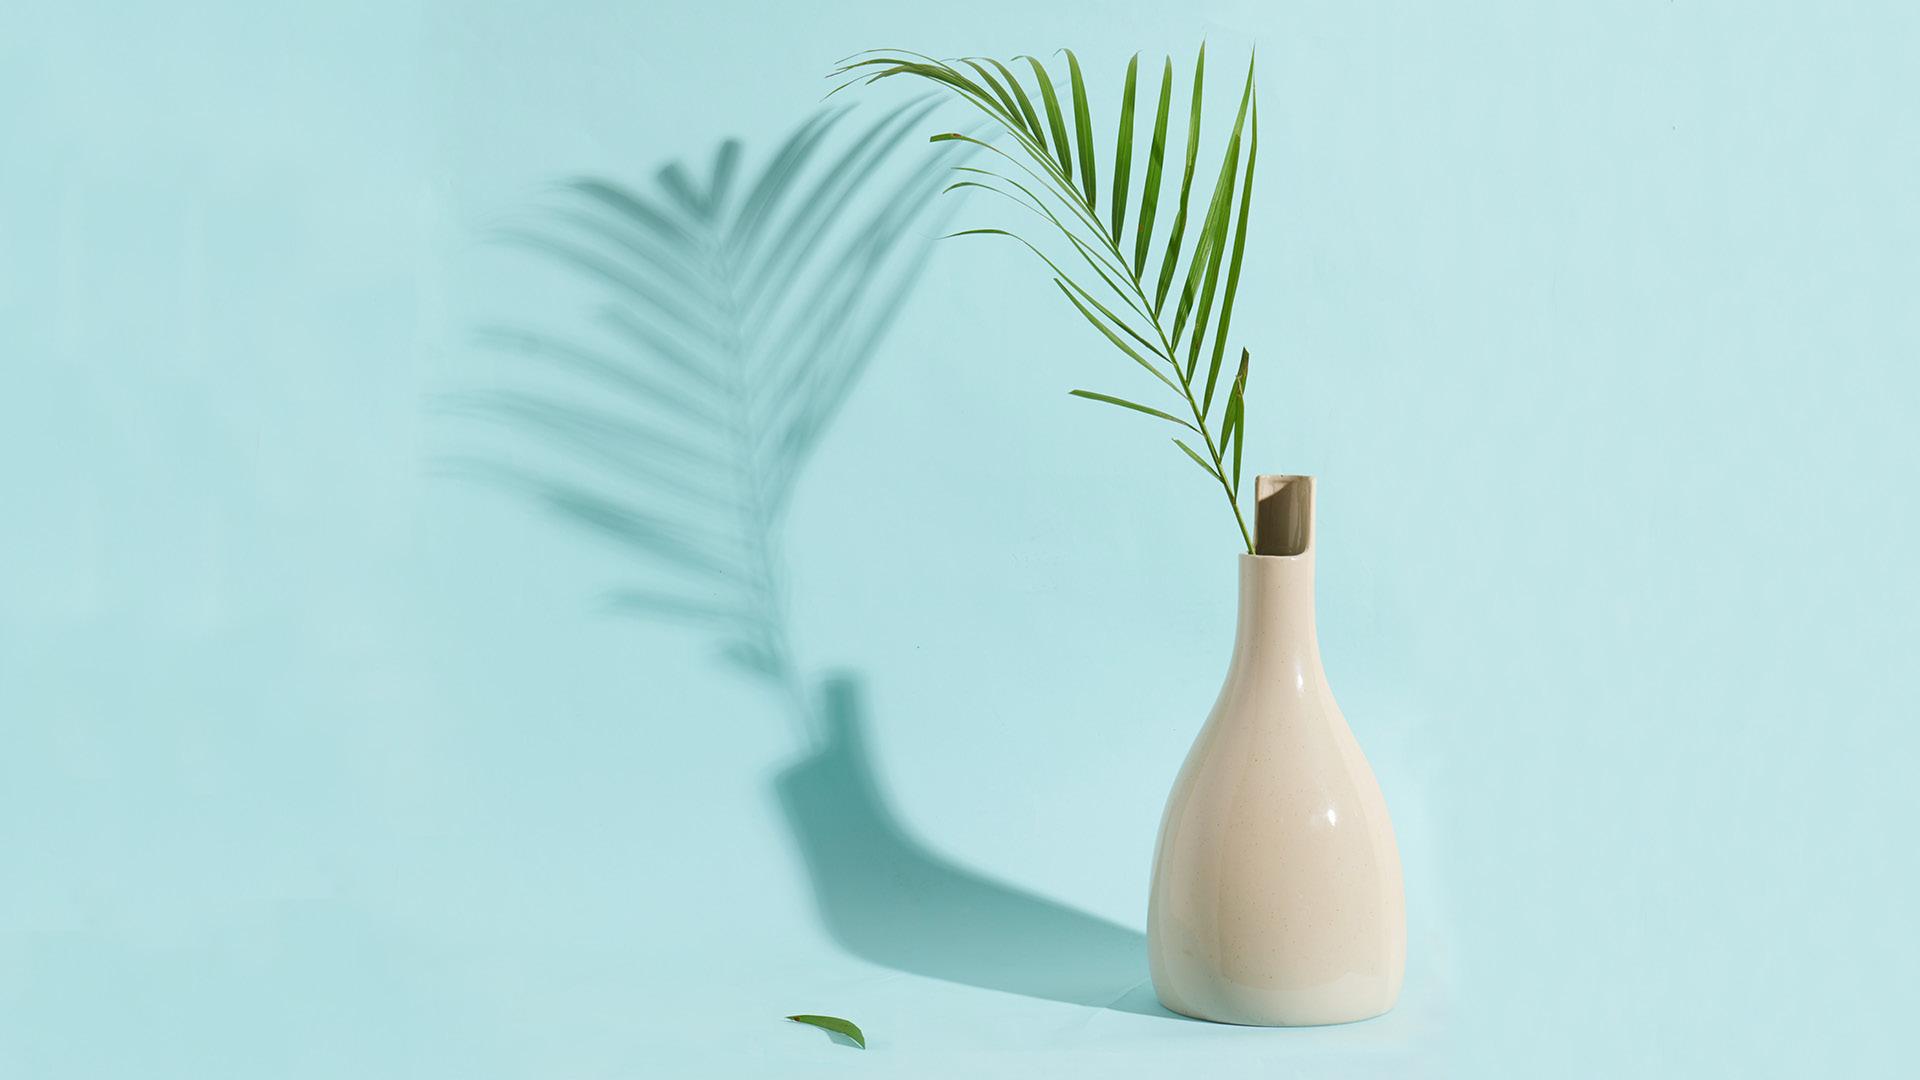 双生大瓶,长叶绿植更显身形